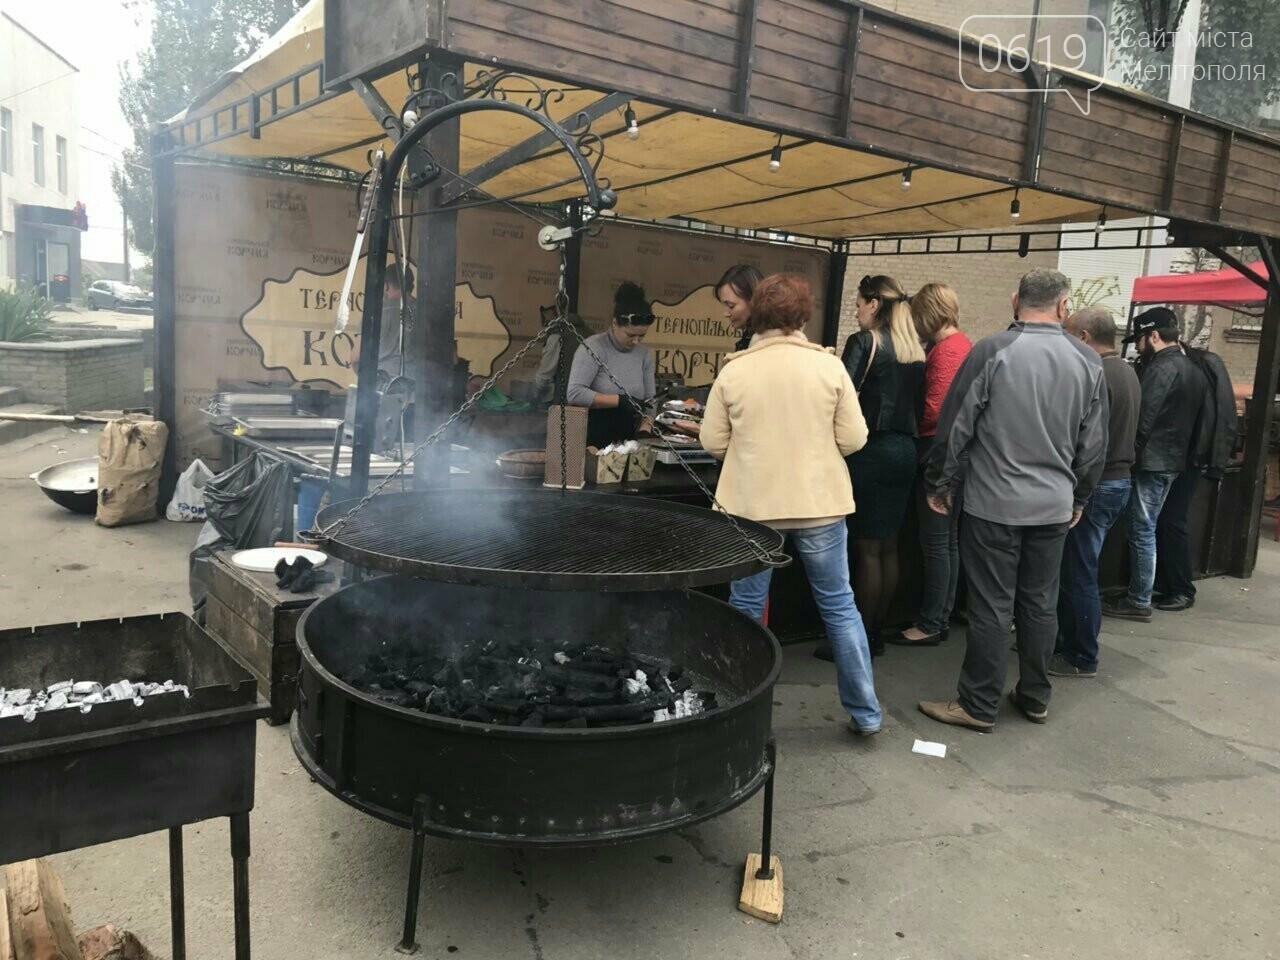 Вкусные блюда, яркие костюмы, выставки-ярмарки: в Мелитополе проходит фестиваль национальных культур, фото-21